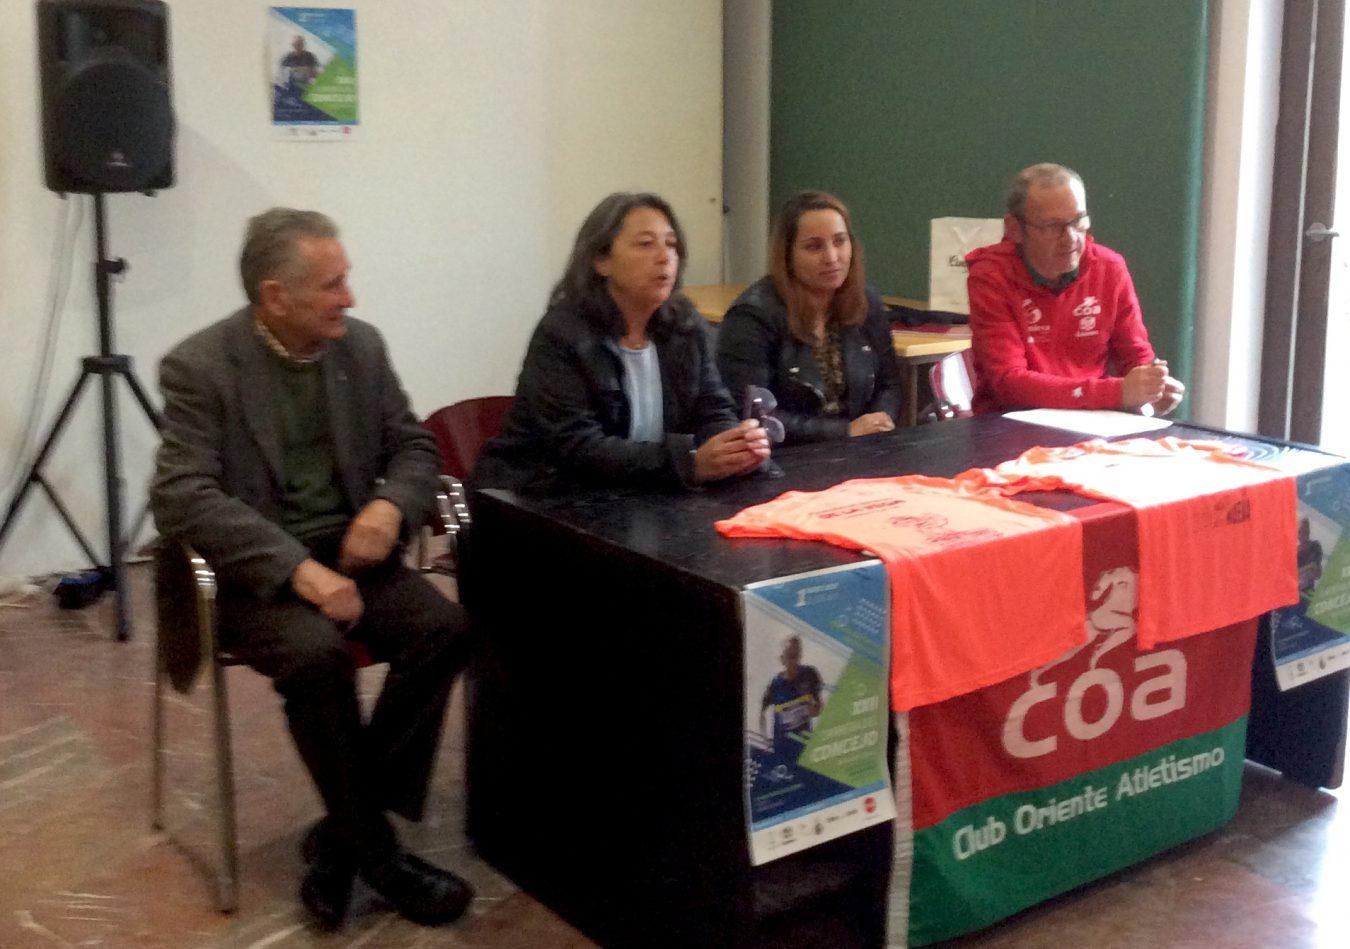 Presentada la XXII Carrera Concejo de Llanes, prevista para el 1 de mayo en Nueva